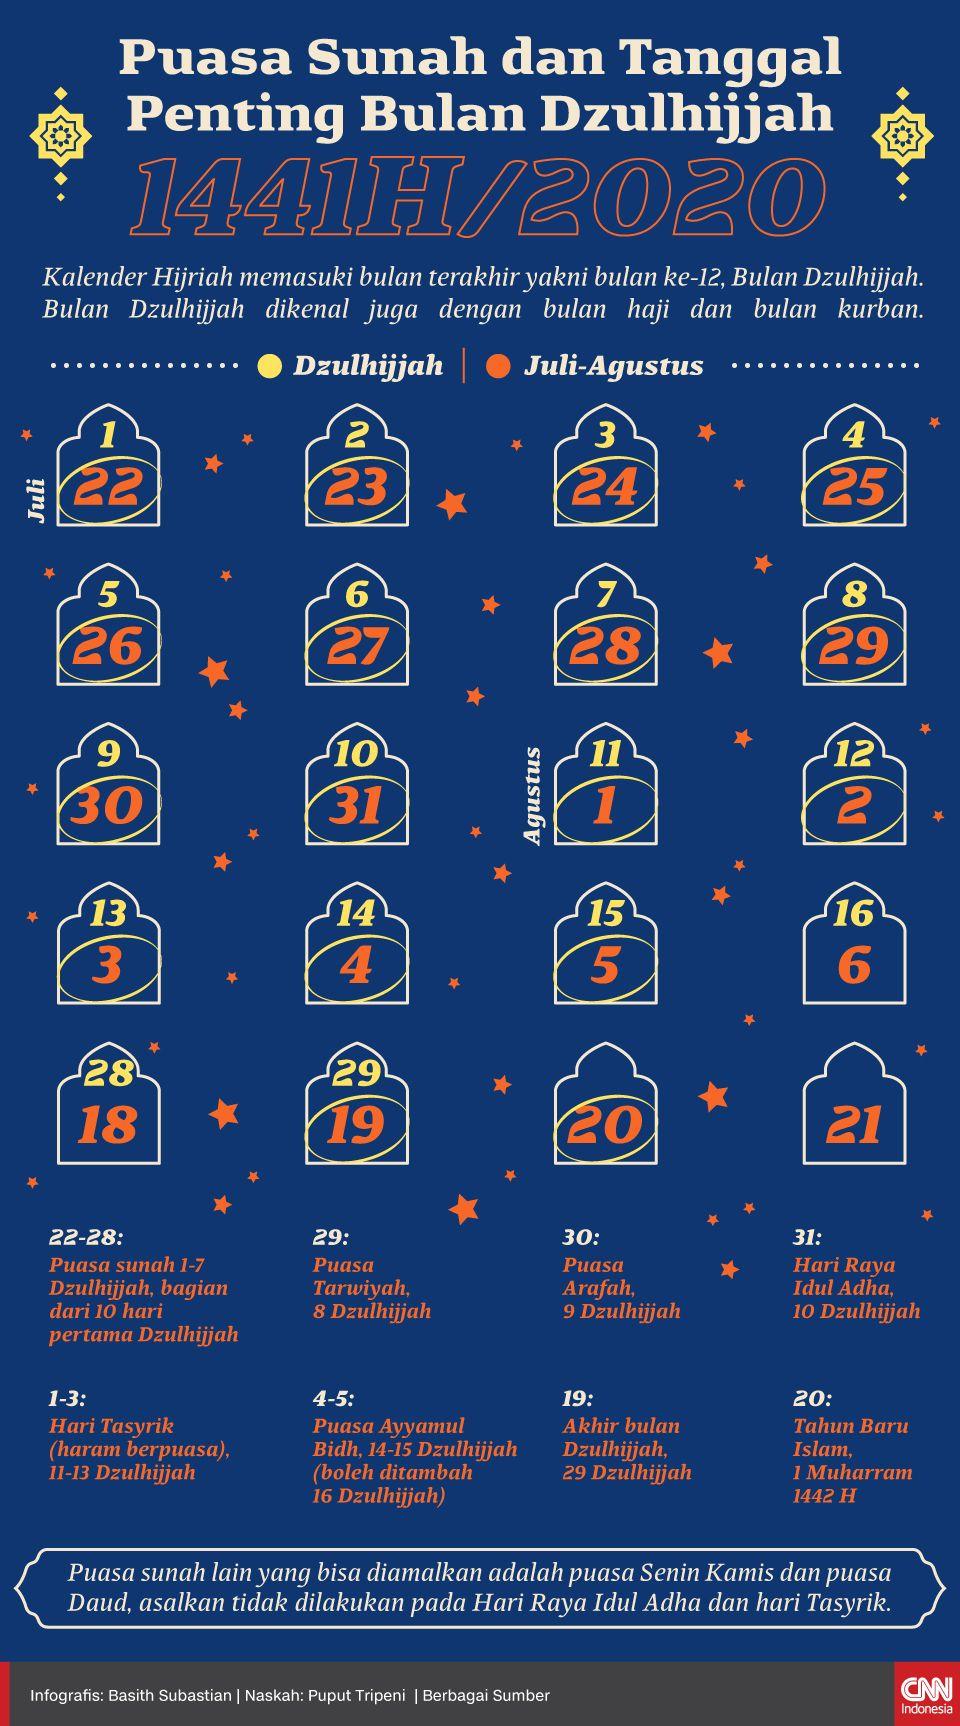 Infografis Puasa Sunah dan Tanggal Penting Bulan Dzulhijjah 1441H/2020